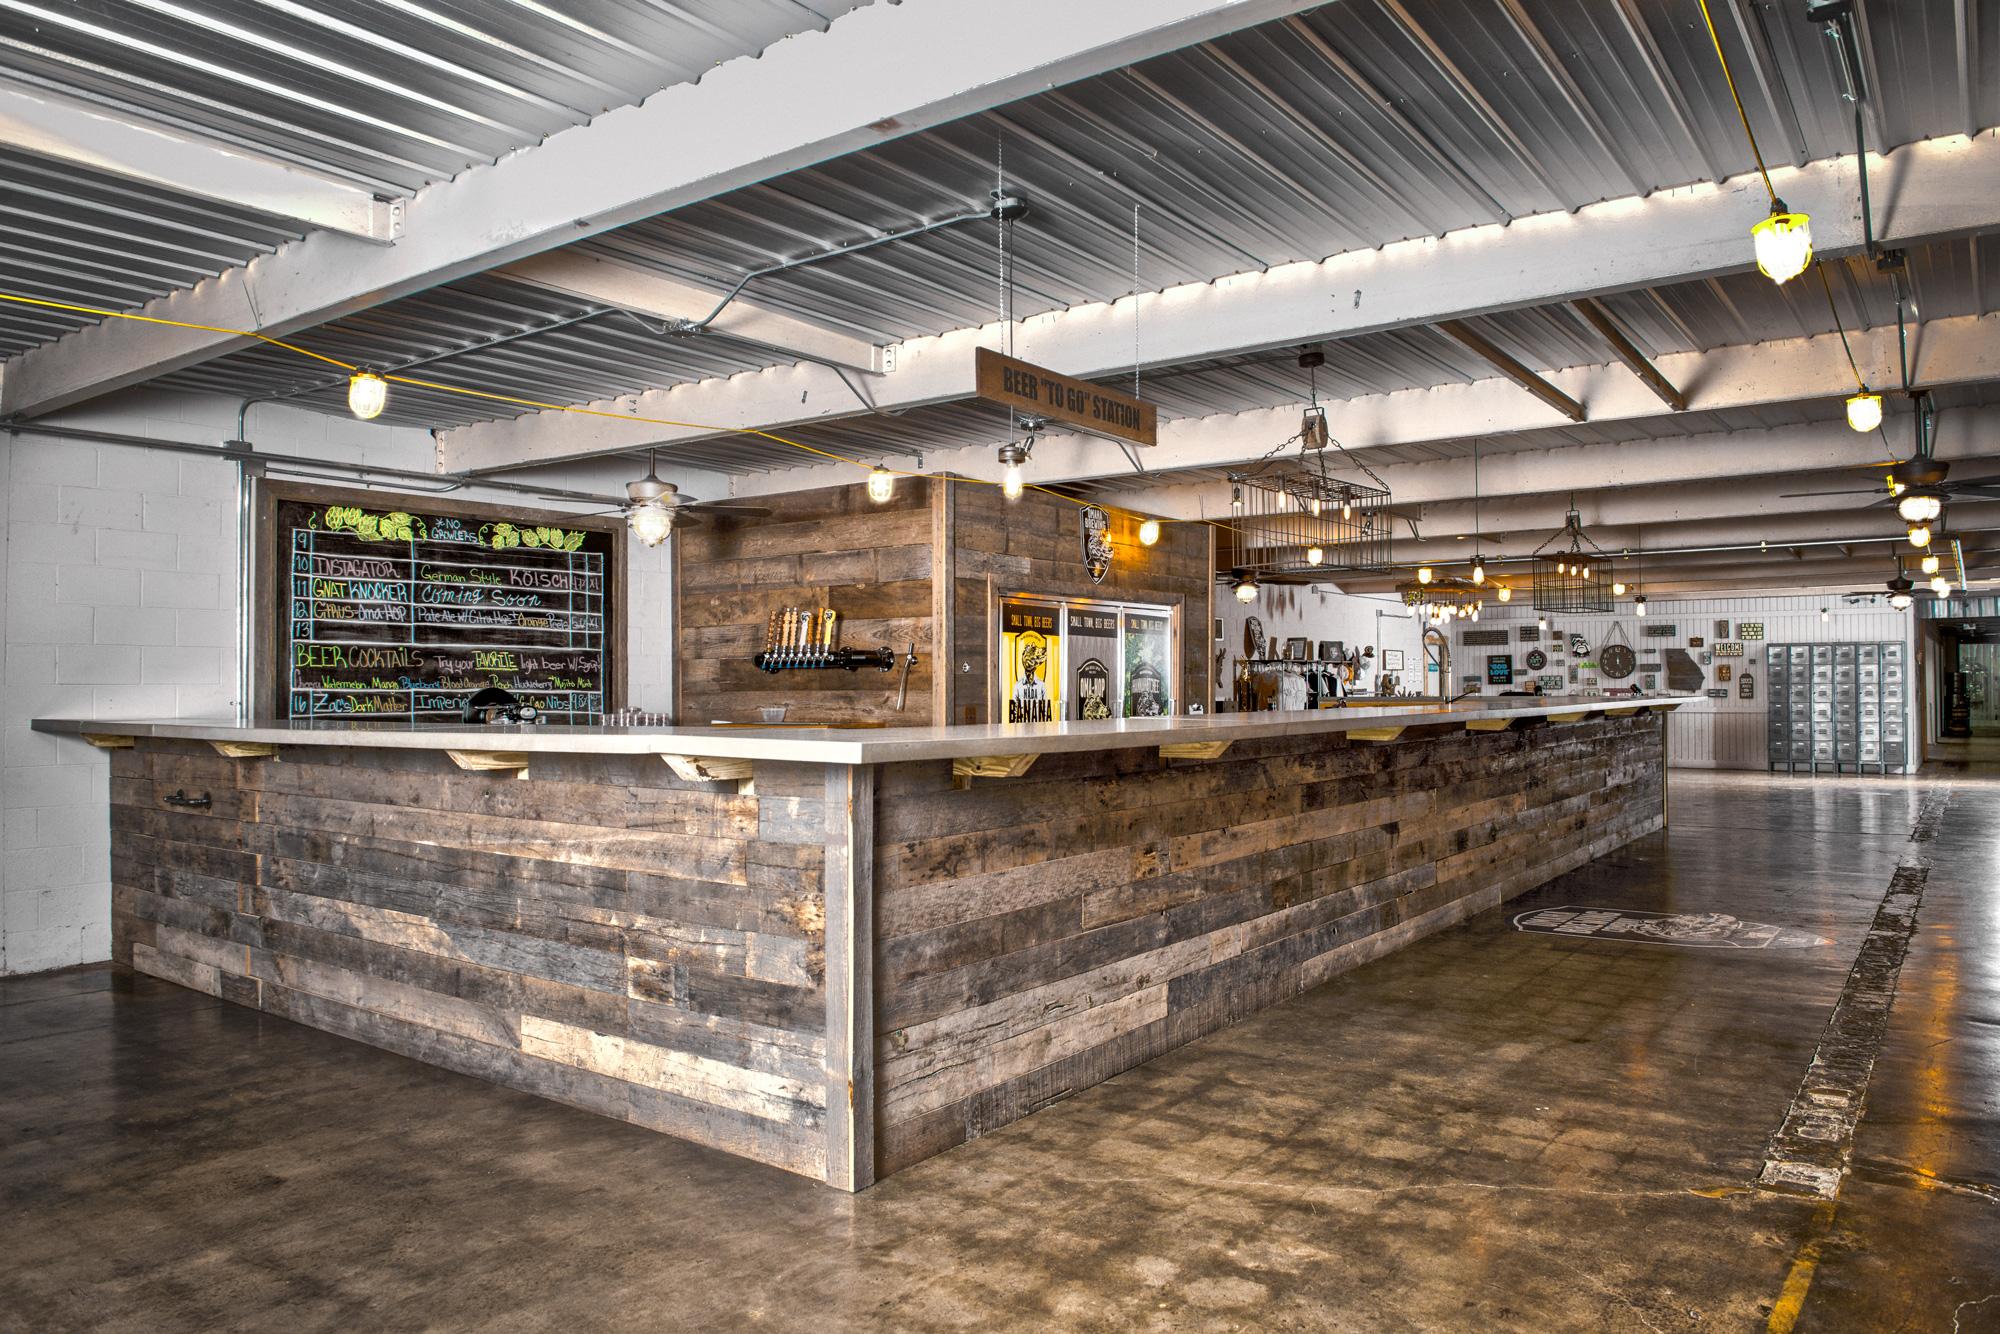 265 Brew Street, Omaha, GA 31821 |  omahabrewingcompany.com